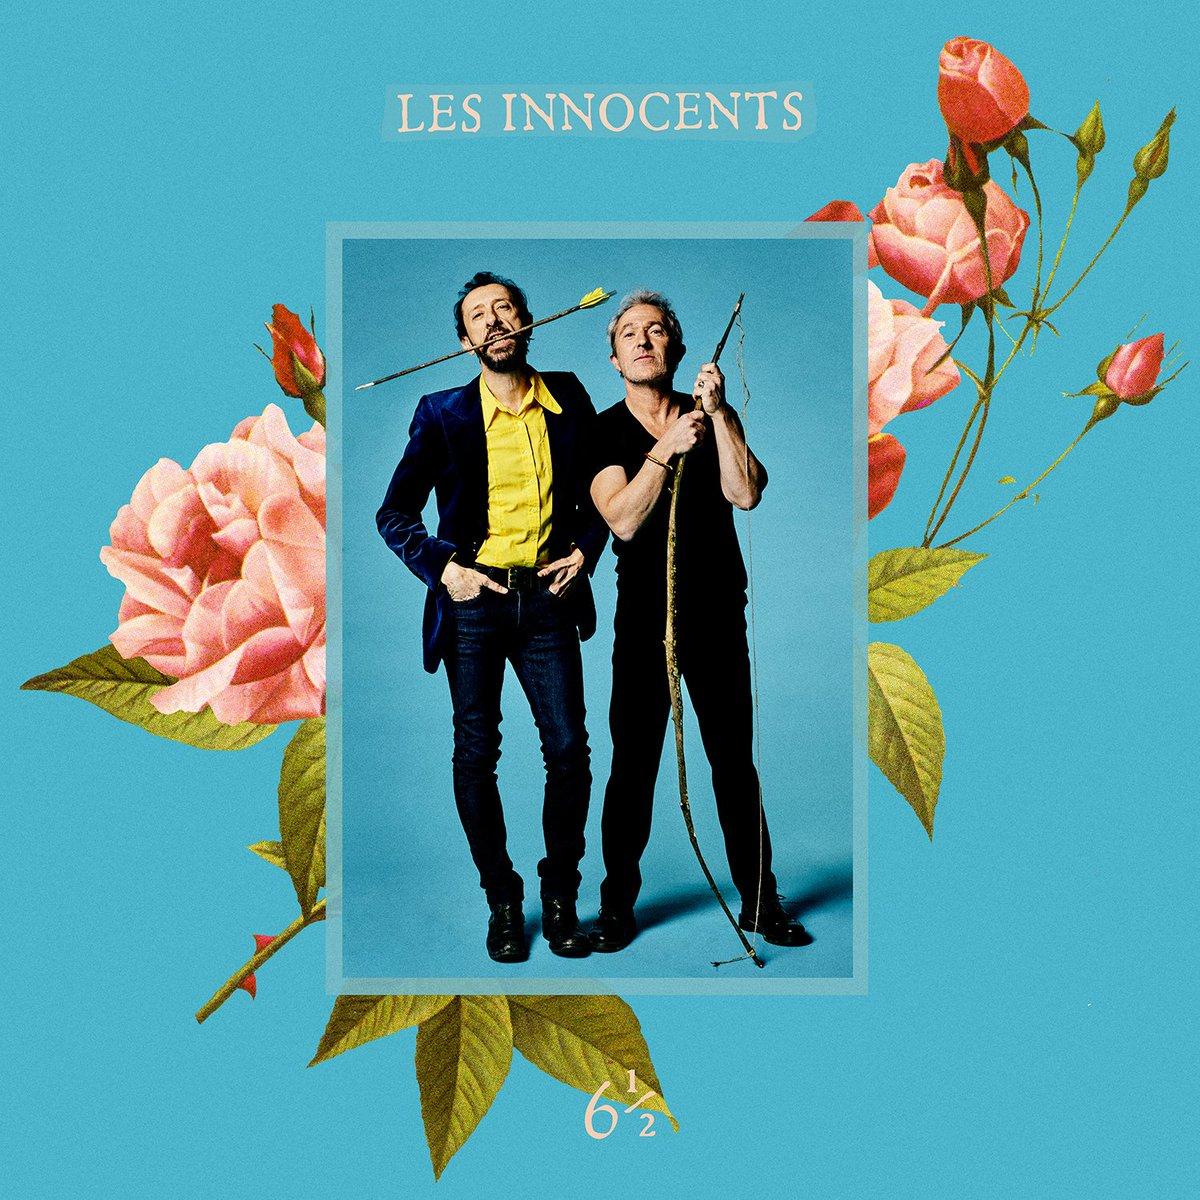 @lesinnocents en #concert à la @sallepleyel 13.12.19   BILLETTERIE >> https://t.co/N2hUC02kM9 Présenté par @AuguriProd  Fosse + places assises numérotées PLUS D'INFOS SUR : https://t.co/iRSRqjG0